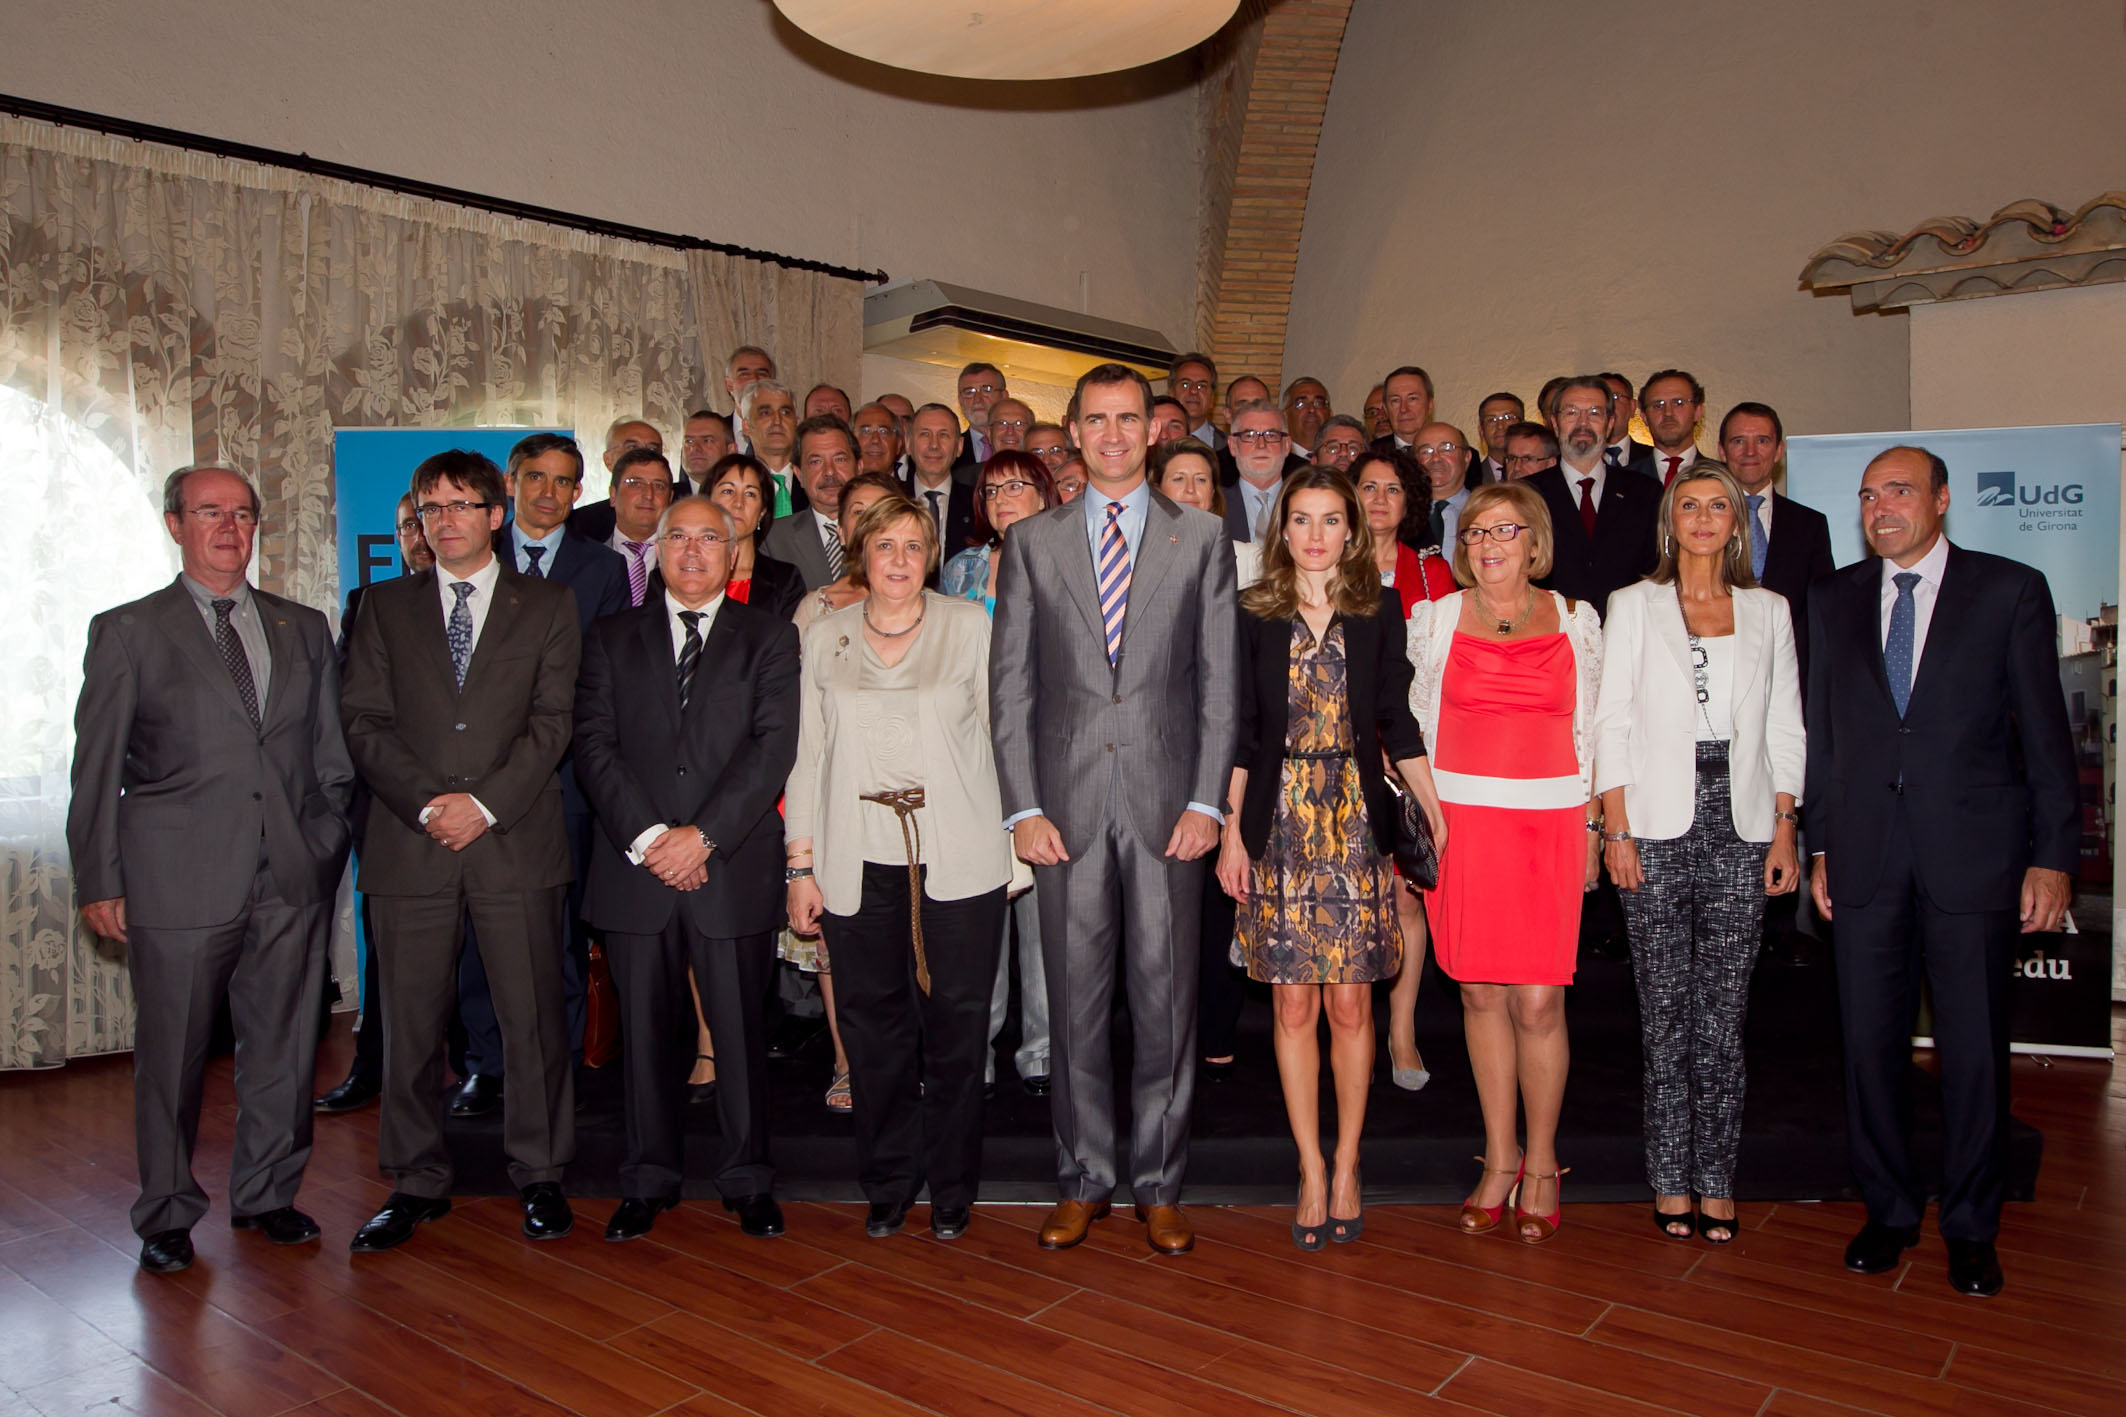 Asistentes a la Asamblea General de la CRUE en la foto de familia con los Príncipes de Asturias